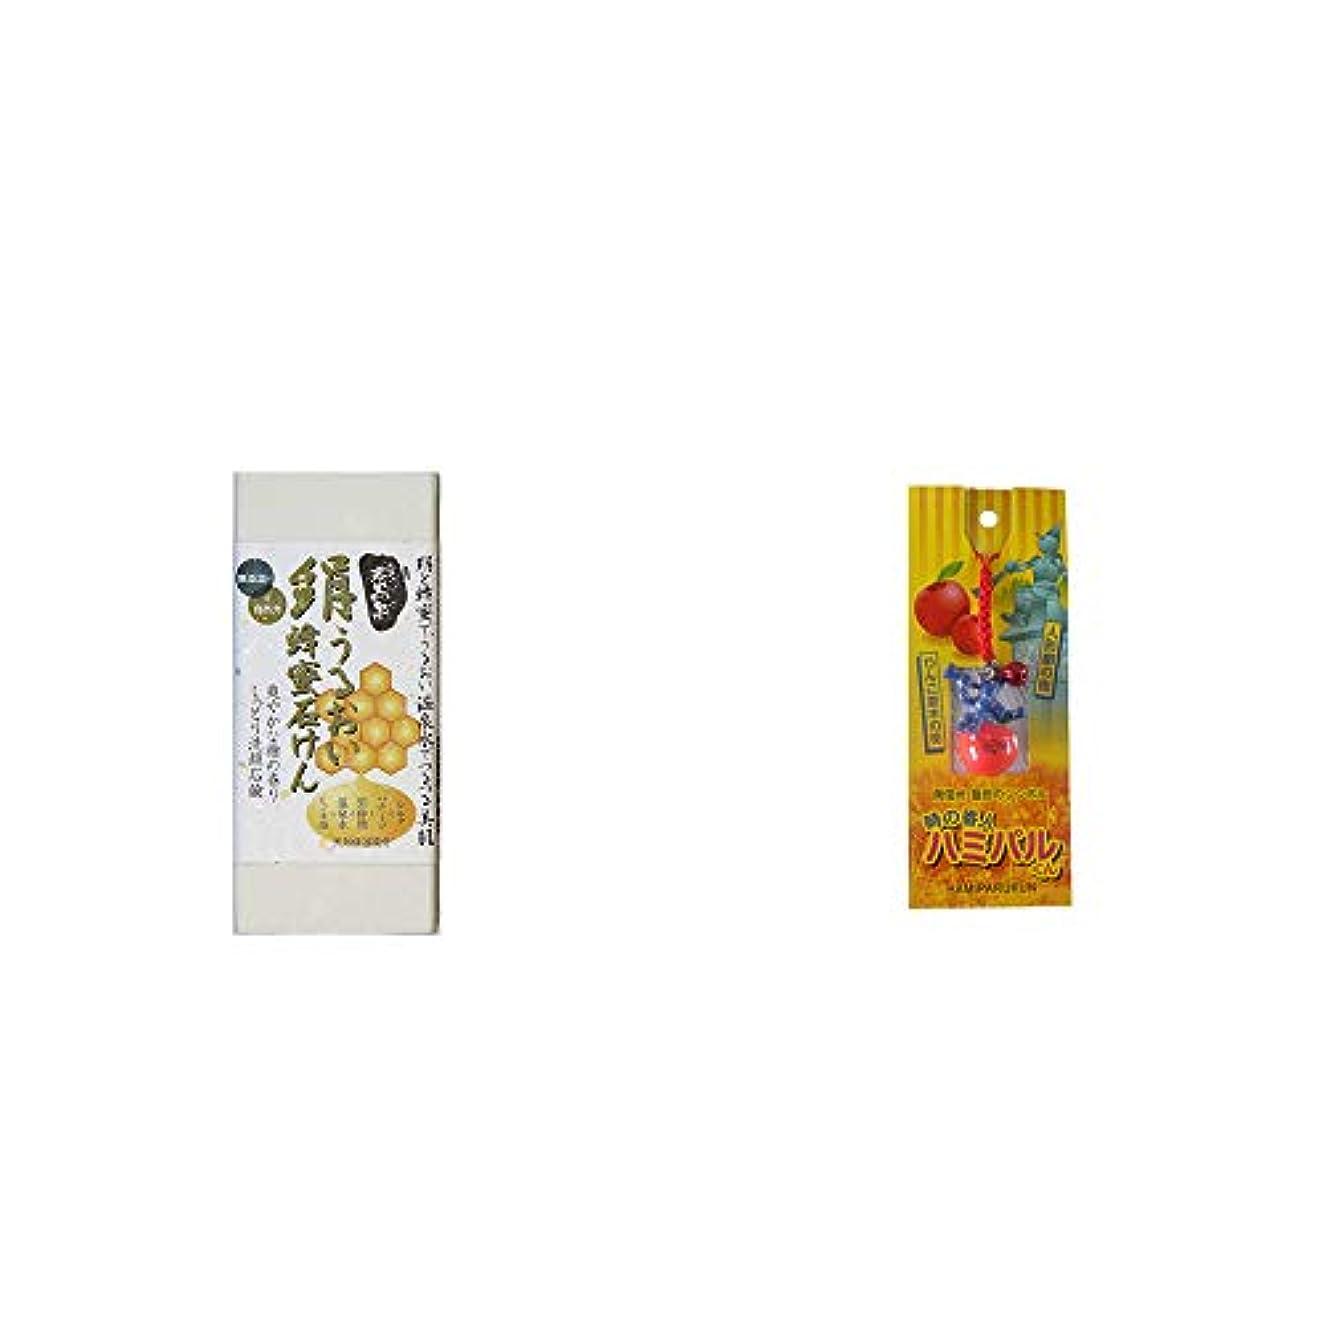 羨望アコー有力者[2点セット] ひのき炭黒泉 絹うるおい蜂蜜石けん(75g×2)?信州?飯田のシンボル 時の番人ハミパルくんストラップ